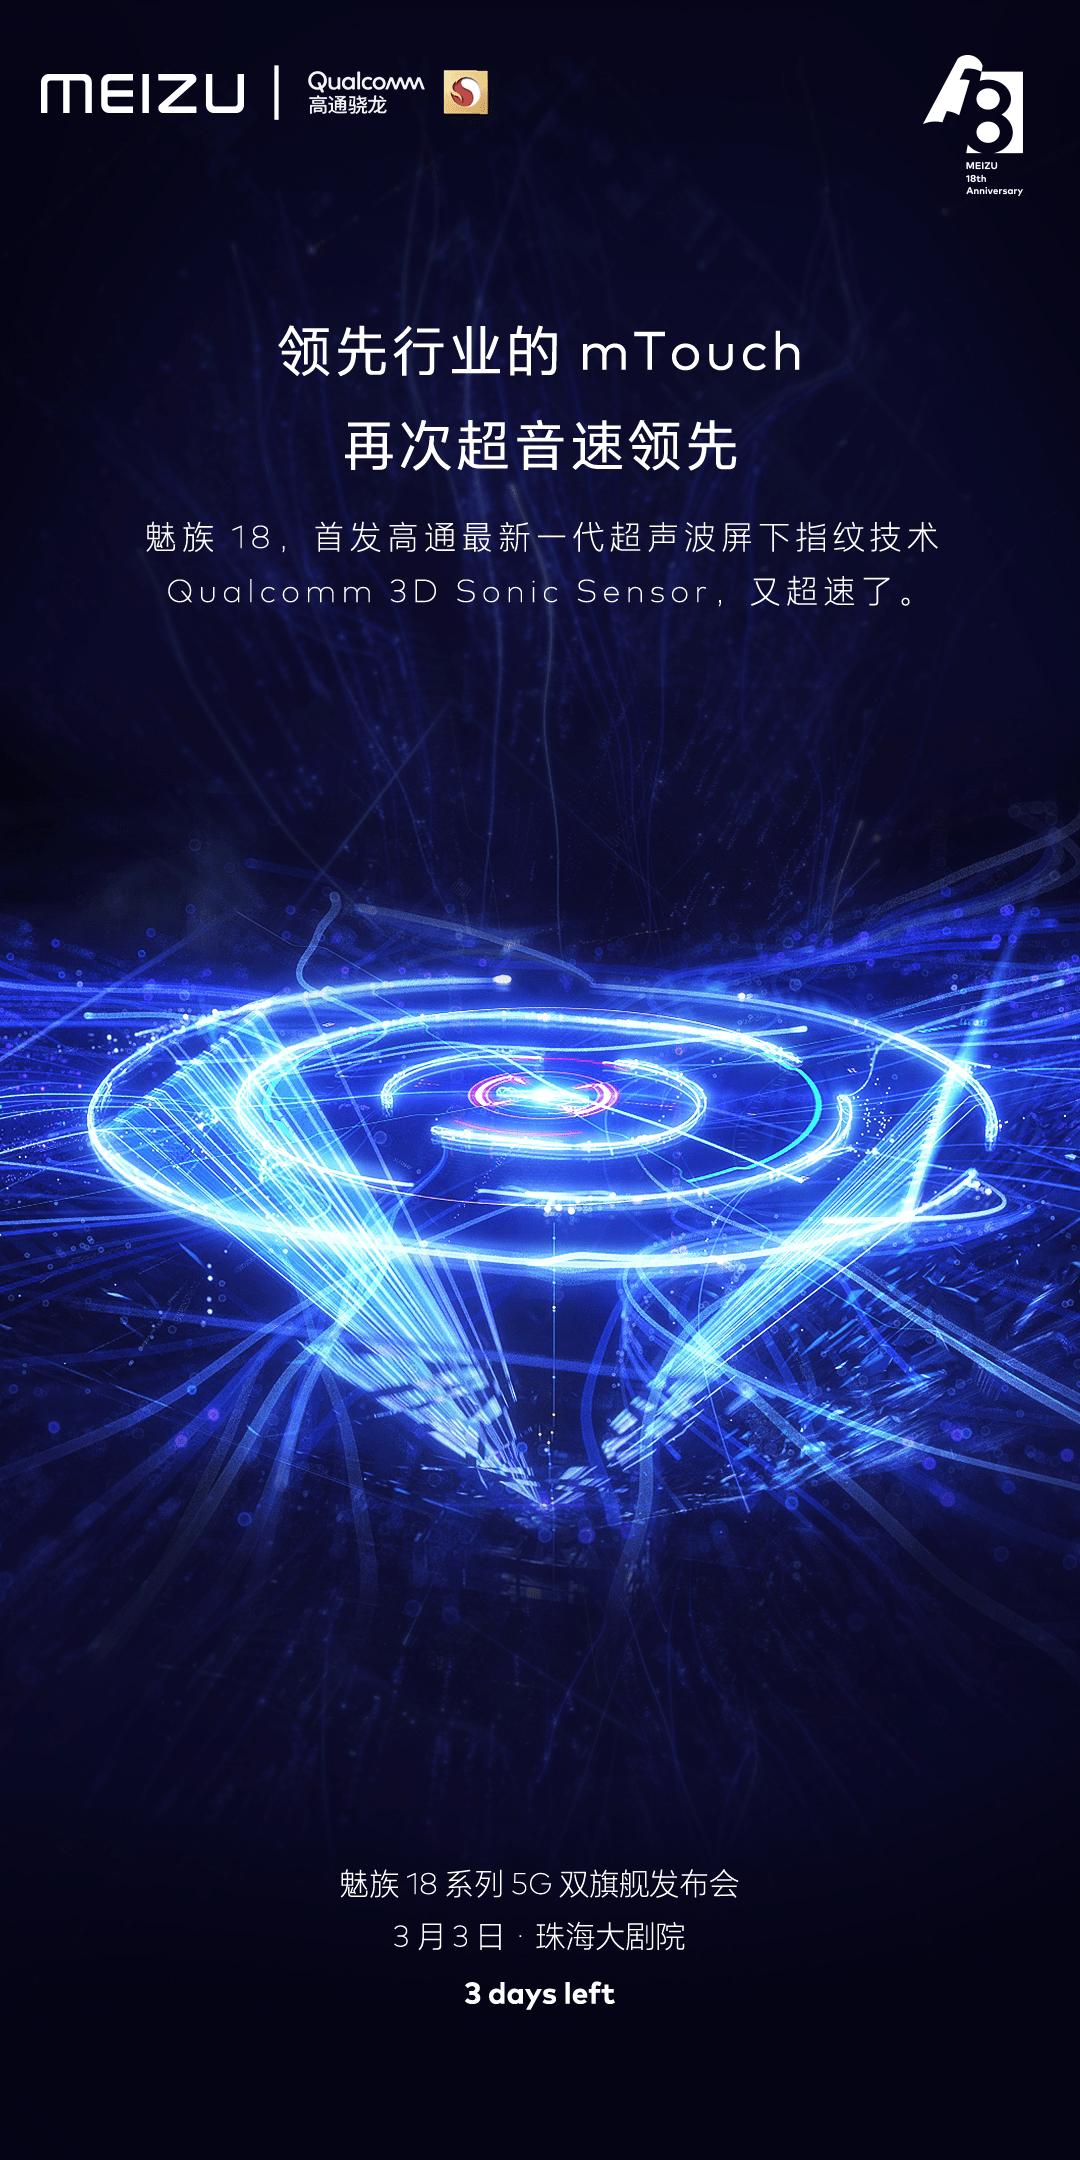 首发第二代超声波,魅族18系列指纹解锁更快更方便